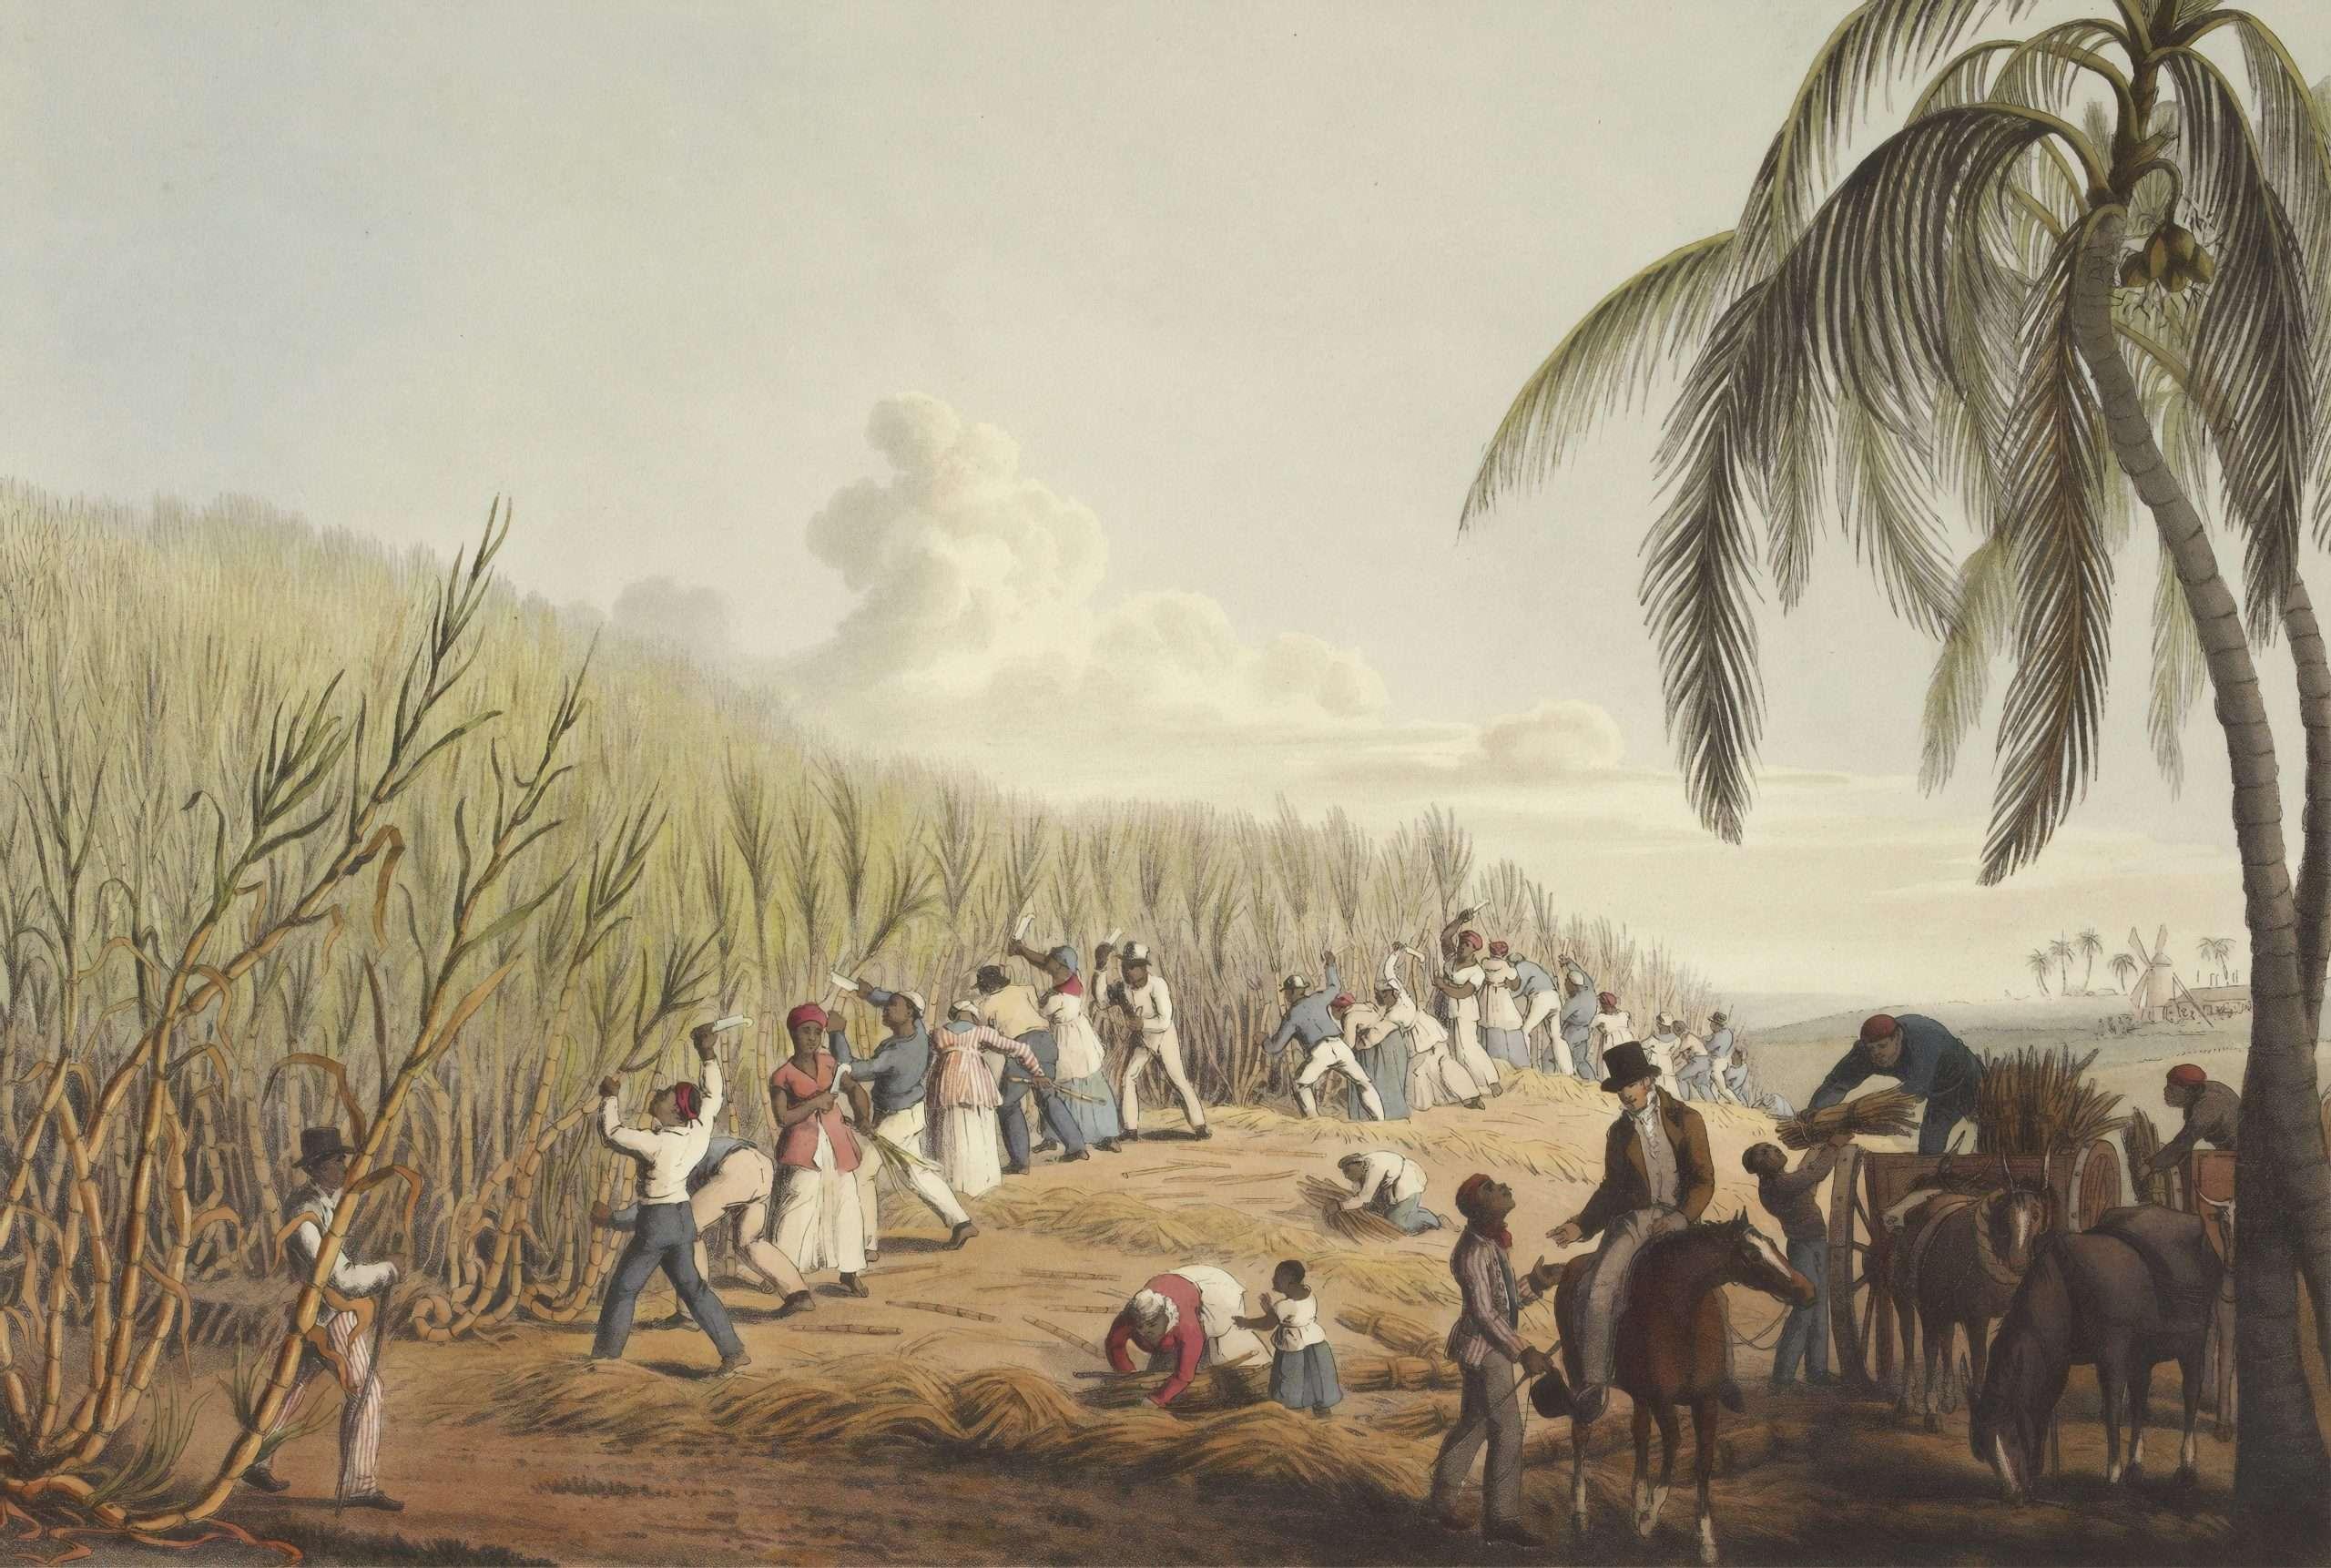 African slaves on a sugar plantation